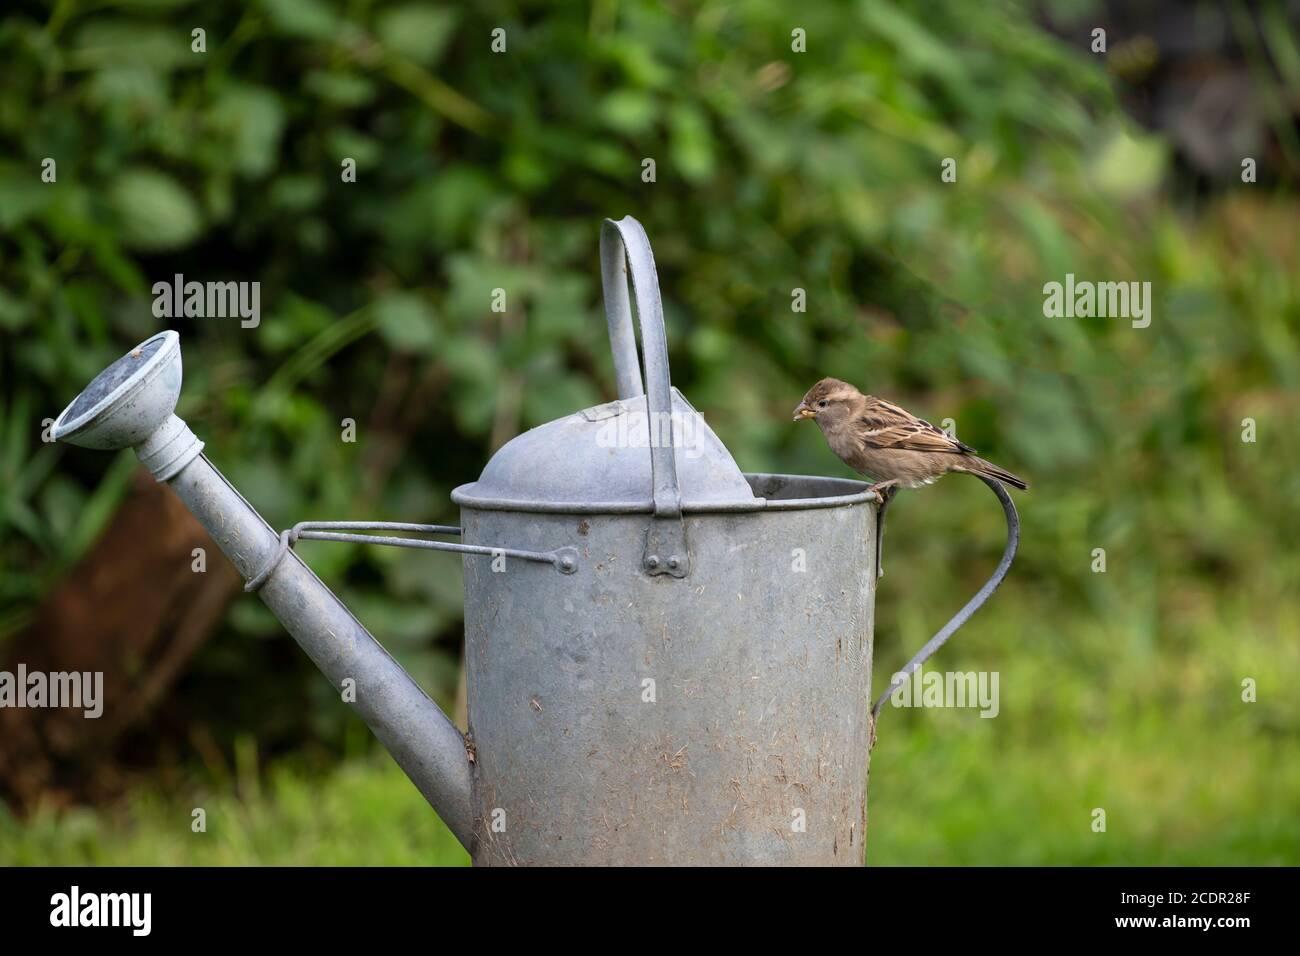 El joven House Sparrow Passer domesticus persiguiendo en el borde de una vieja regadera galvanizada en un jardín doméstico Foto de stock